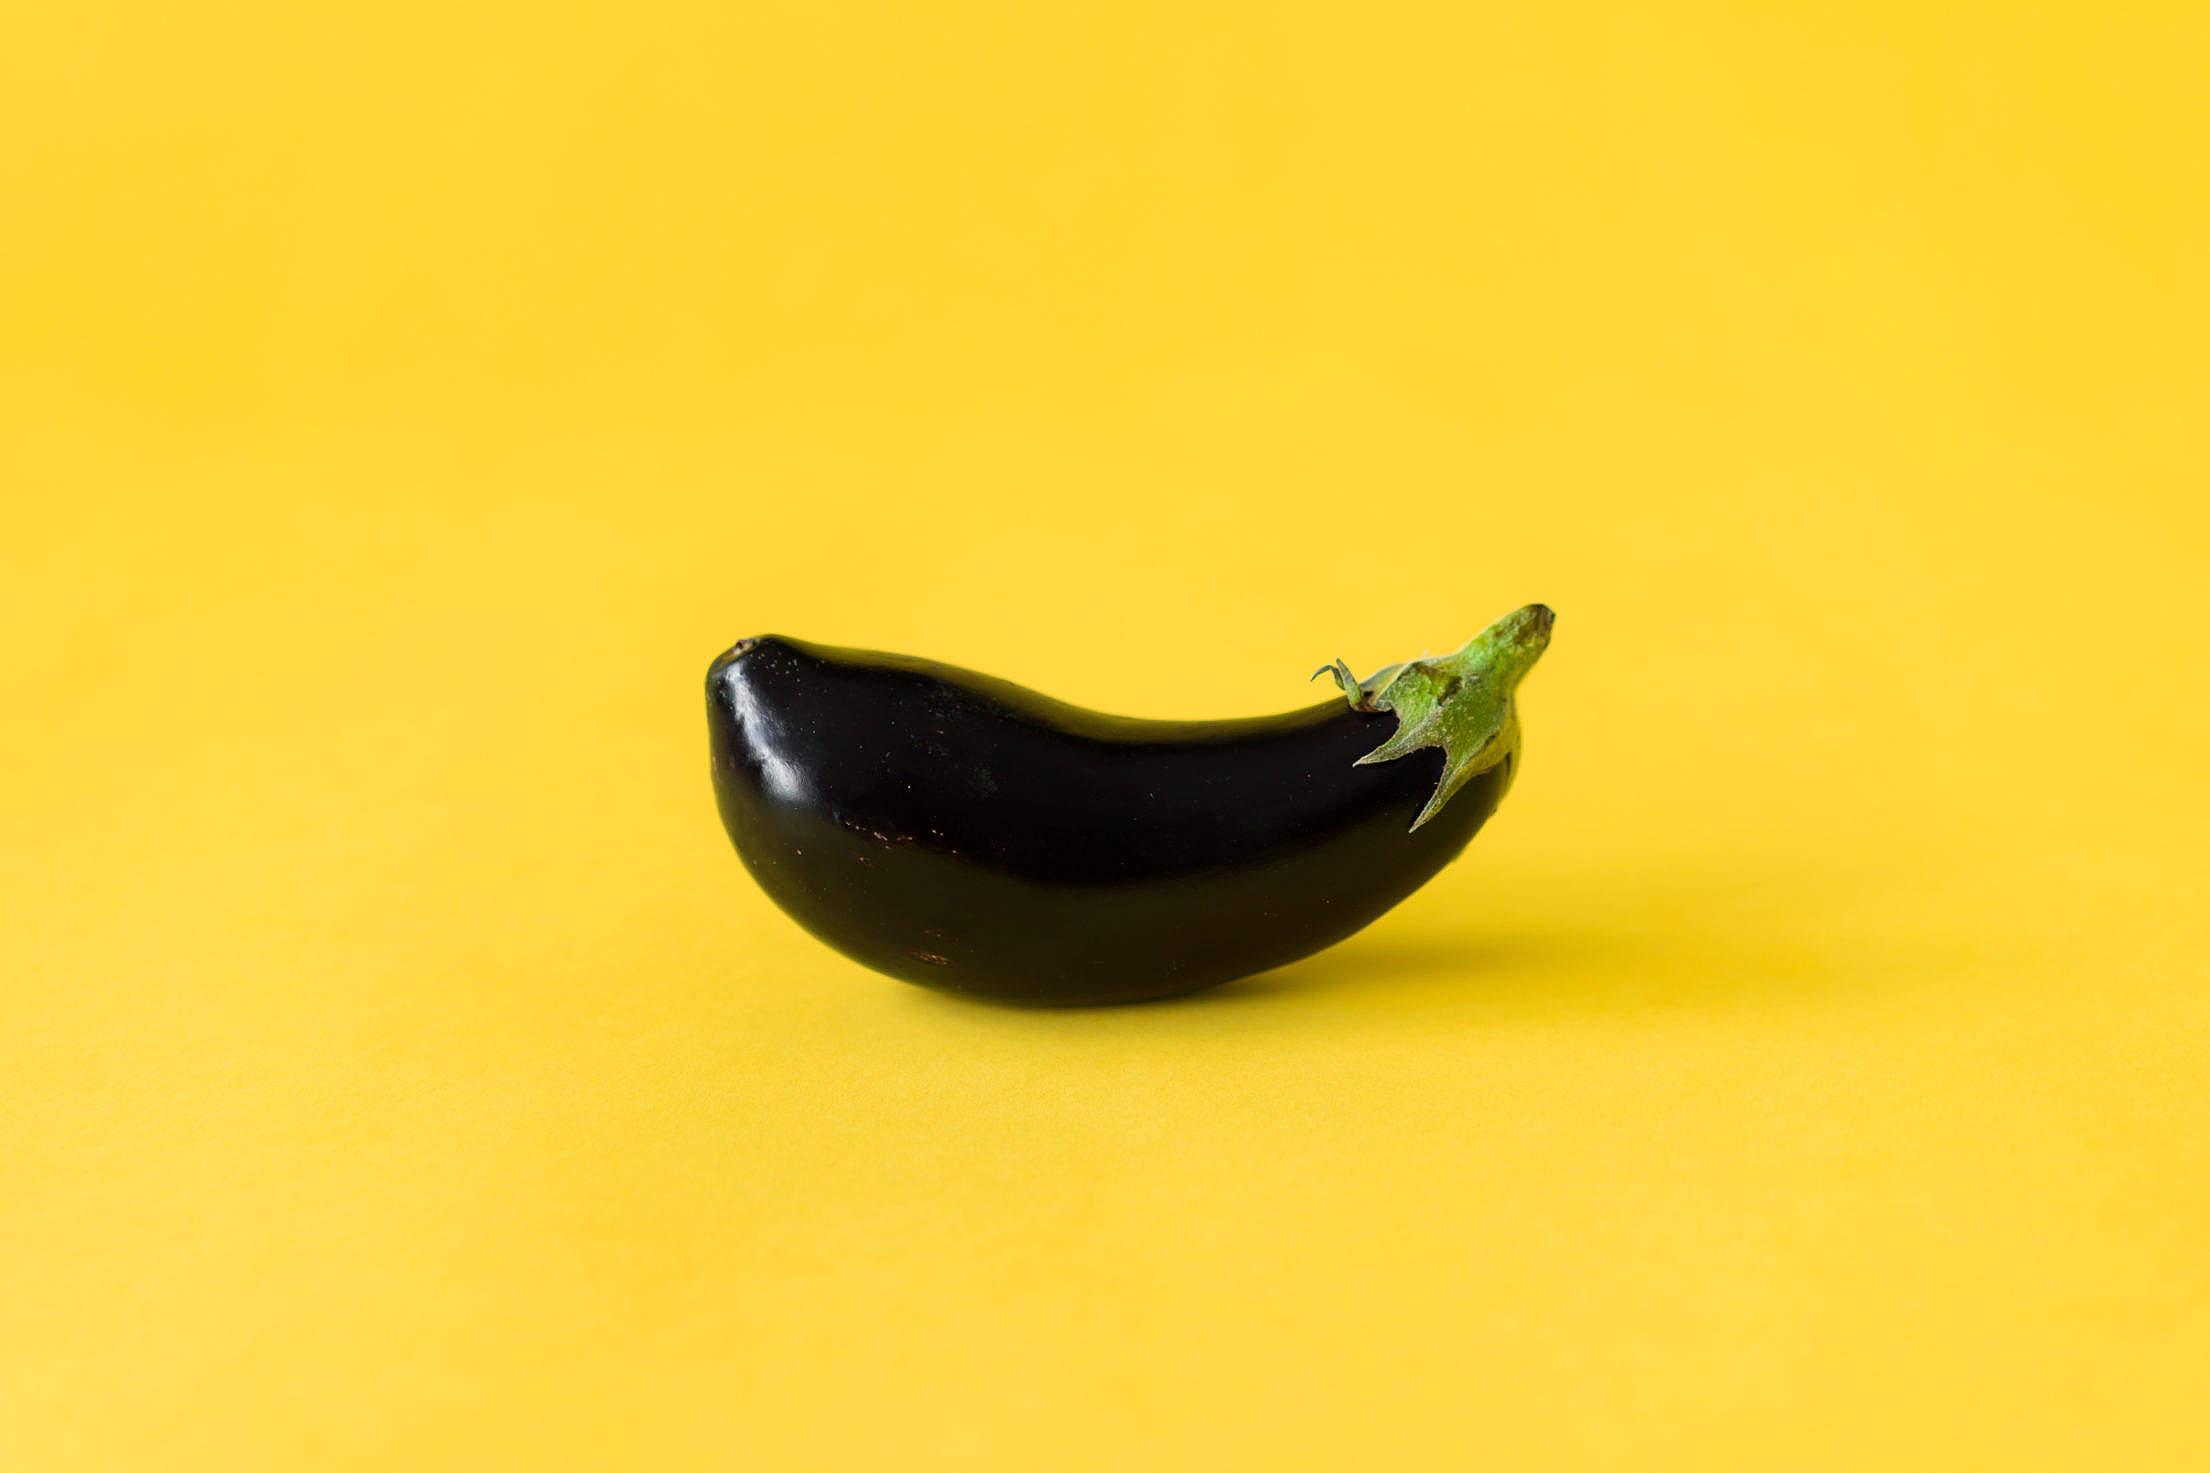 Eggplant Free Stock Photo